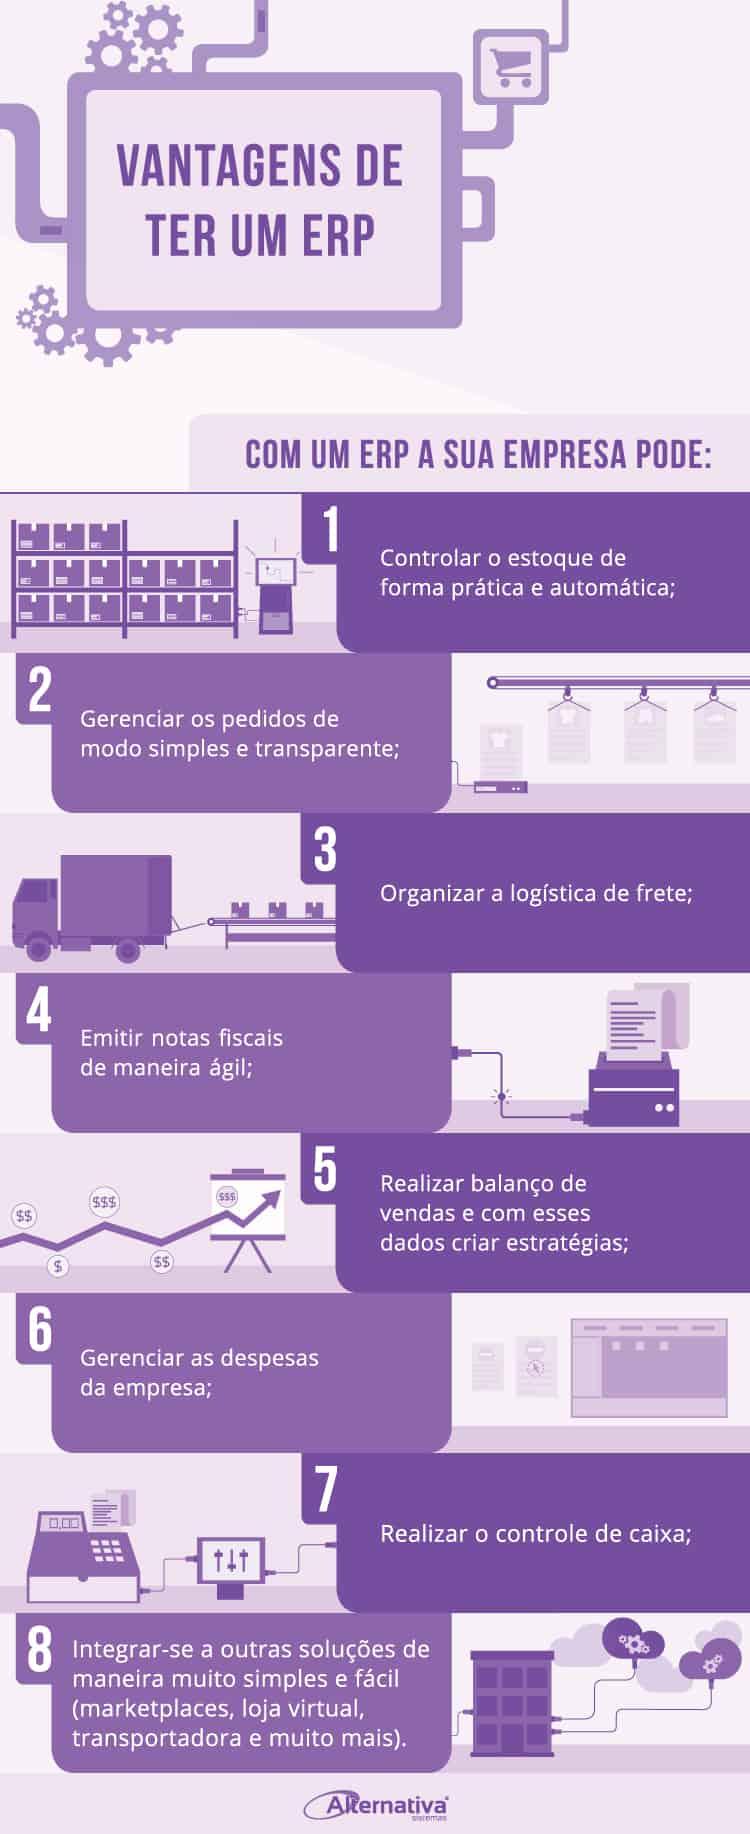 infográfico vantagens ERP para e-commerce